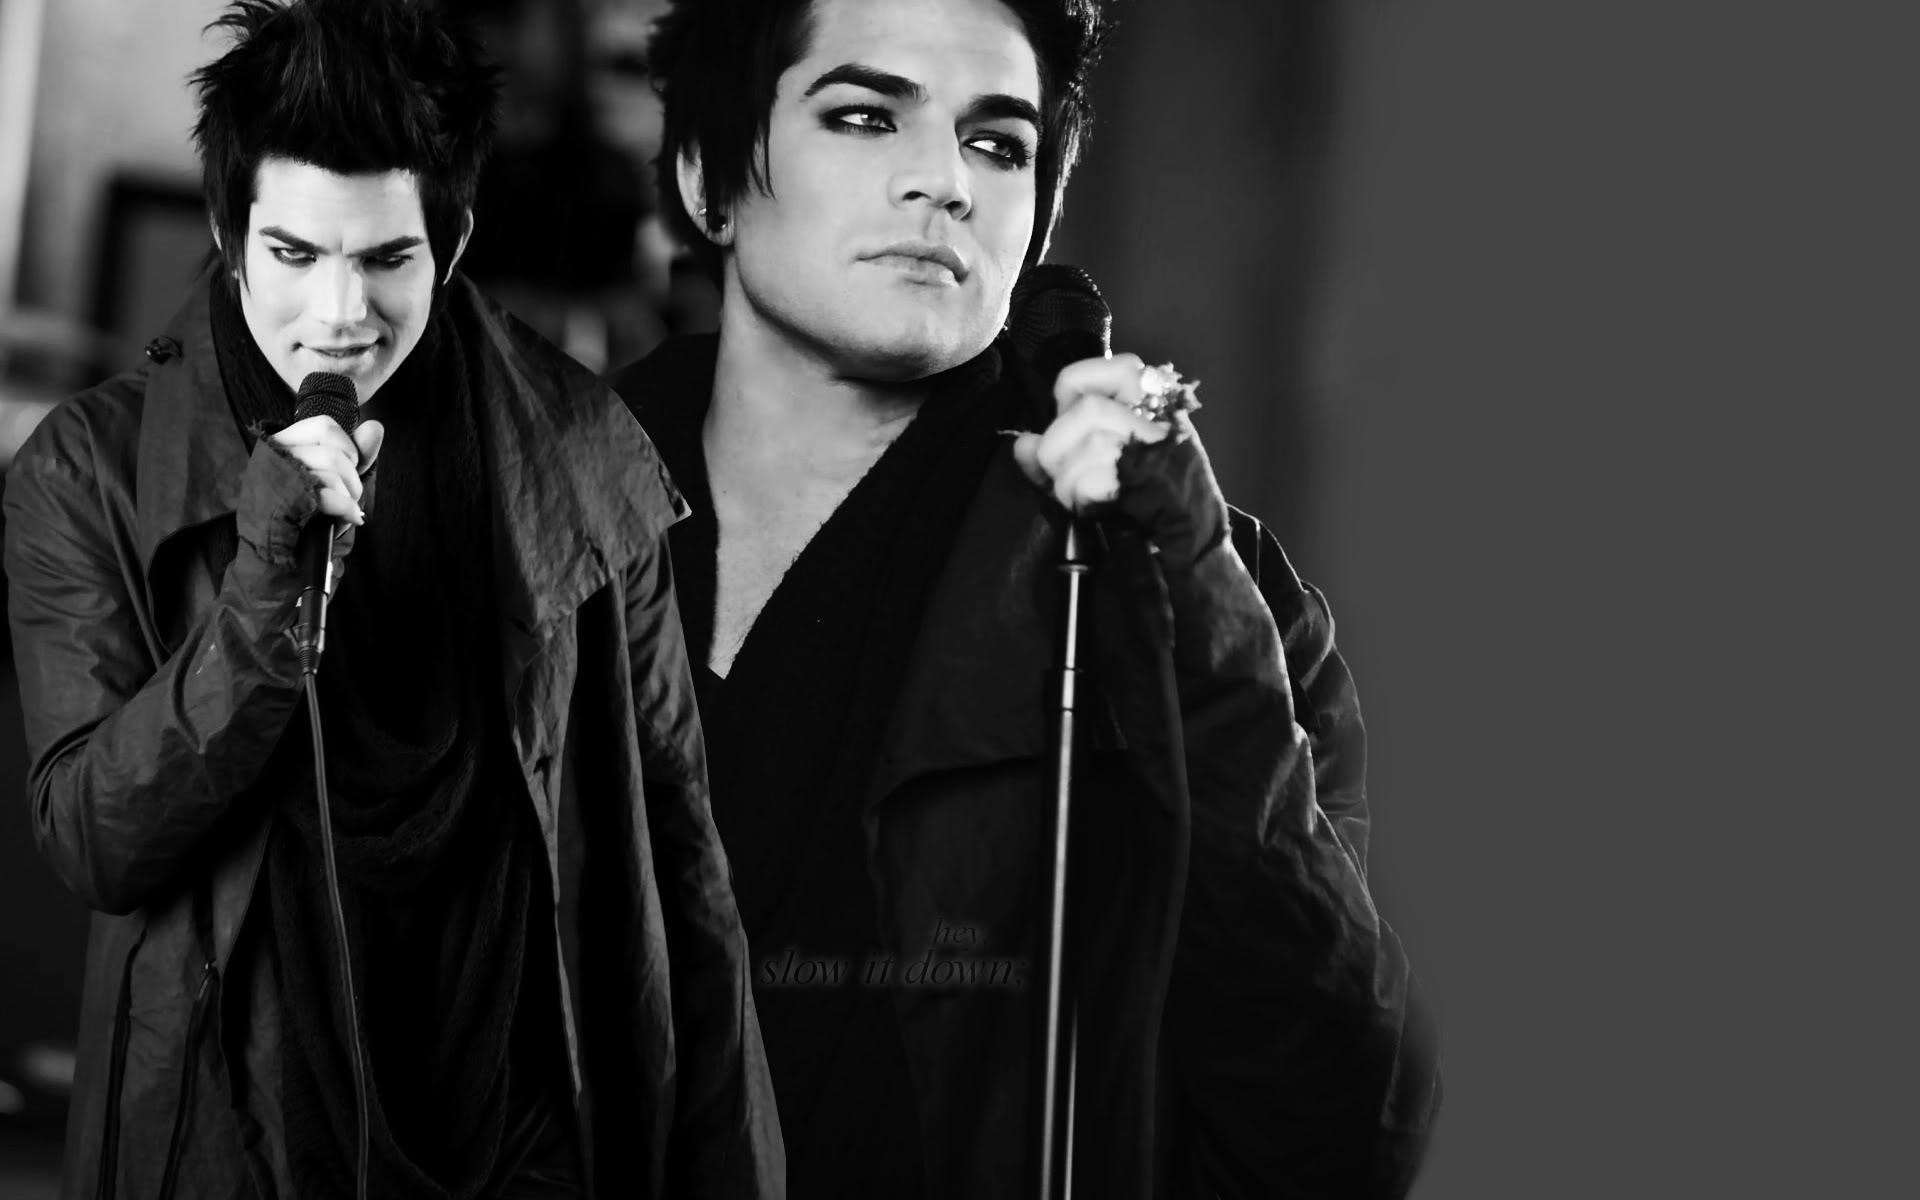 Adam Lambert Wallpaper - Adam Lambert Whataya Want From Me Stills , HD Wallpaper & Backgrounds